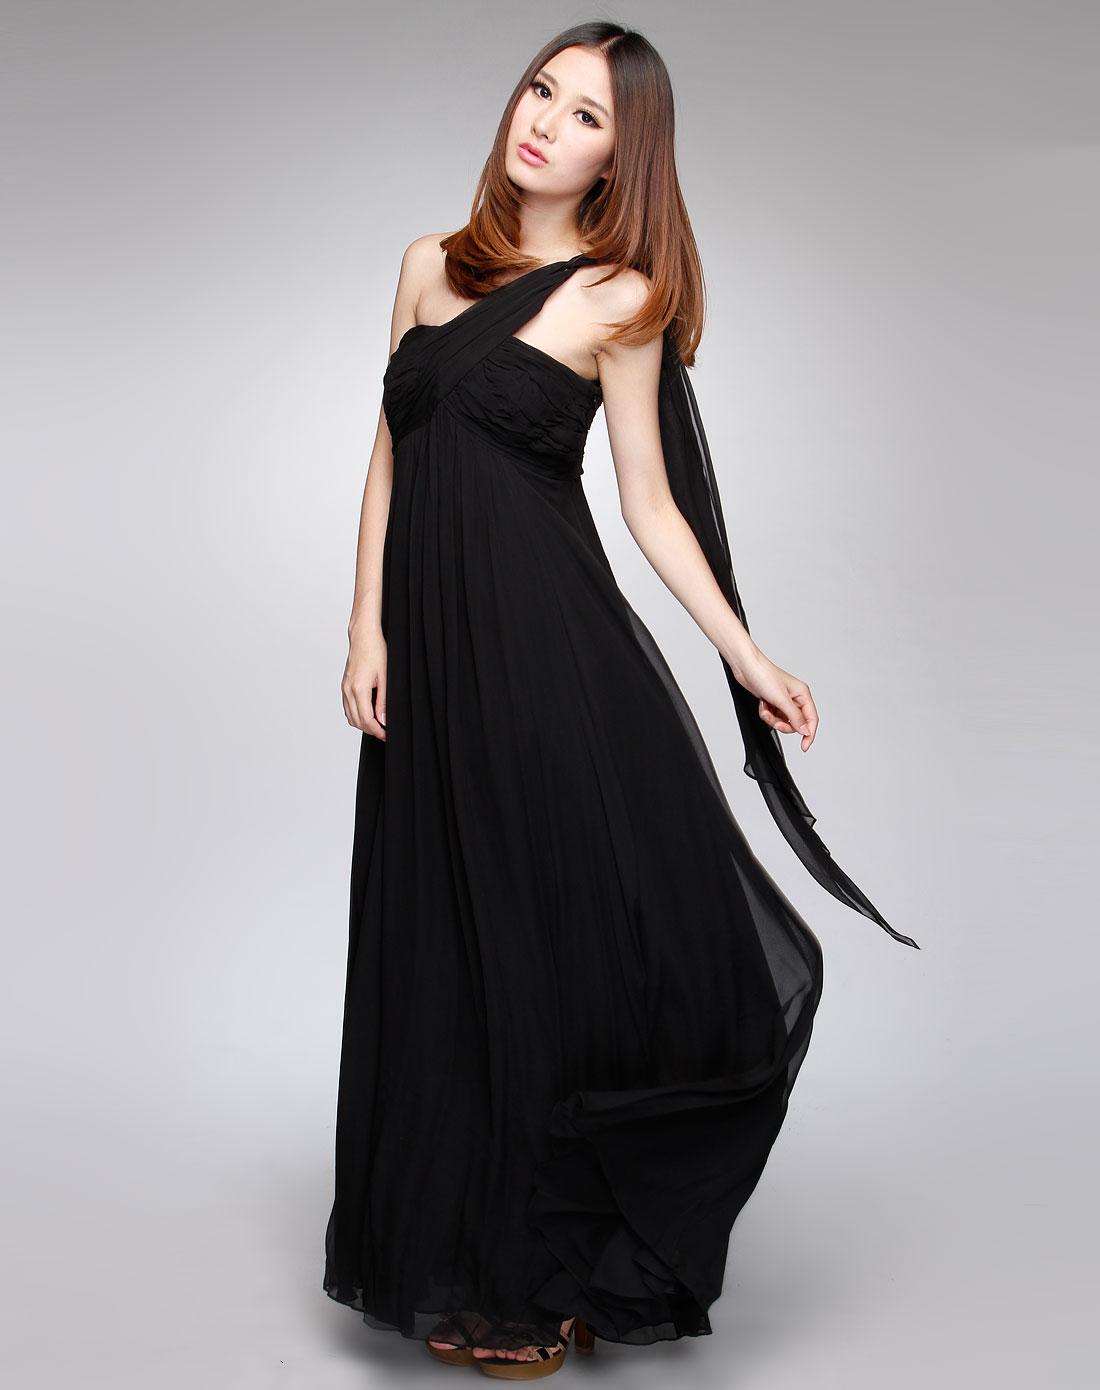 女款黑色皱褶纹时尚吊带连衣裙